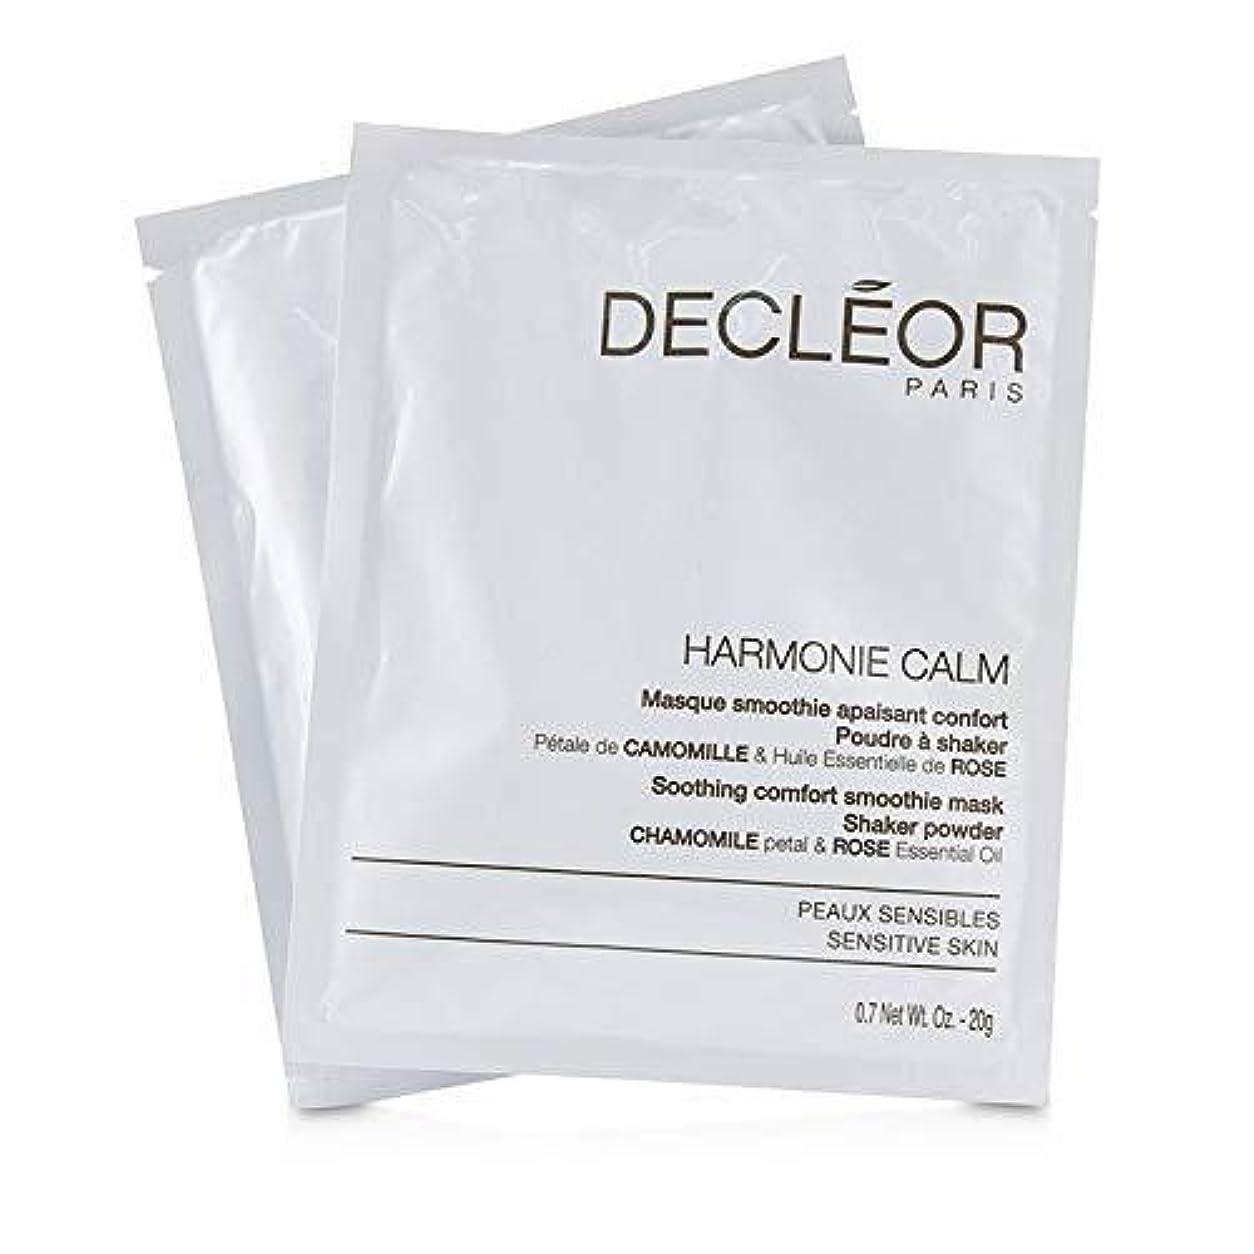 演劇の間でカジュアルデクレオール Harmonie Calm Soothing Comfort Smoothie Mask Shaker Powder - For Sensitive Skin (Salon Product) 5x20g/0.7oz...